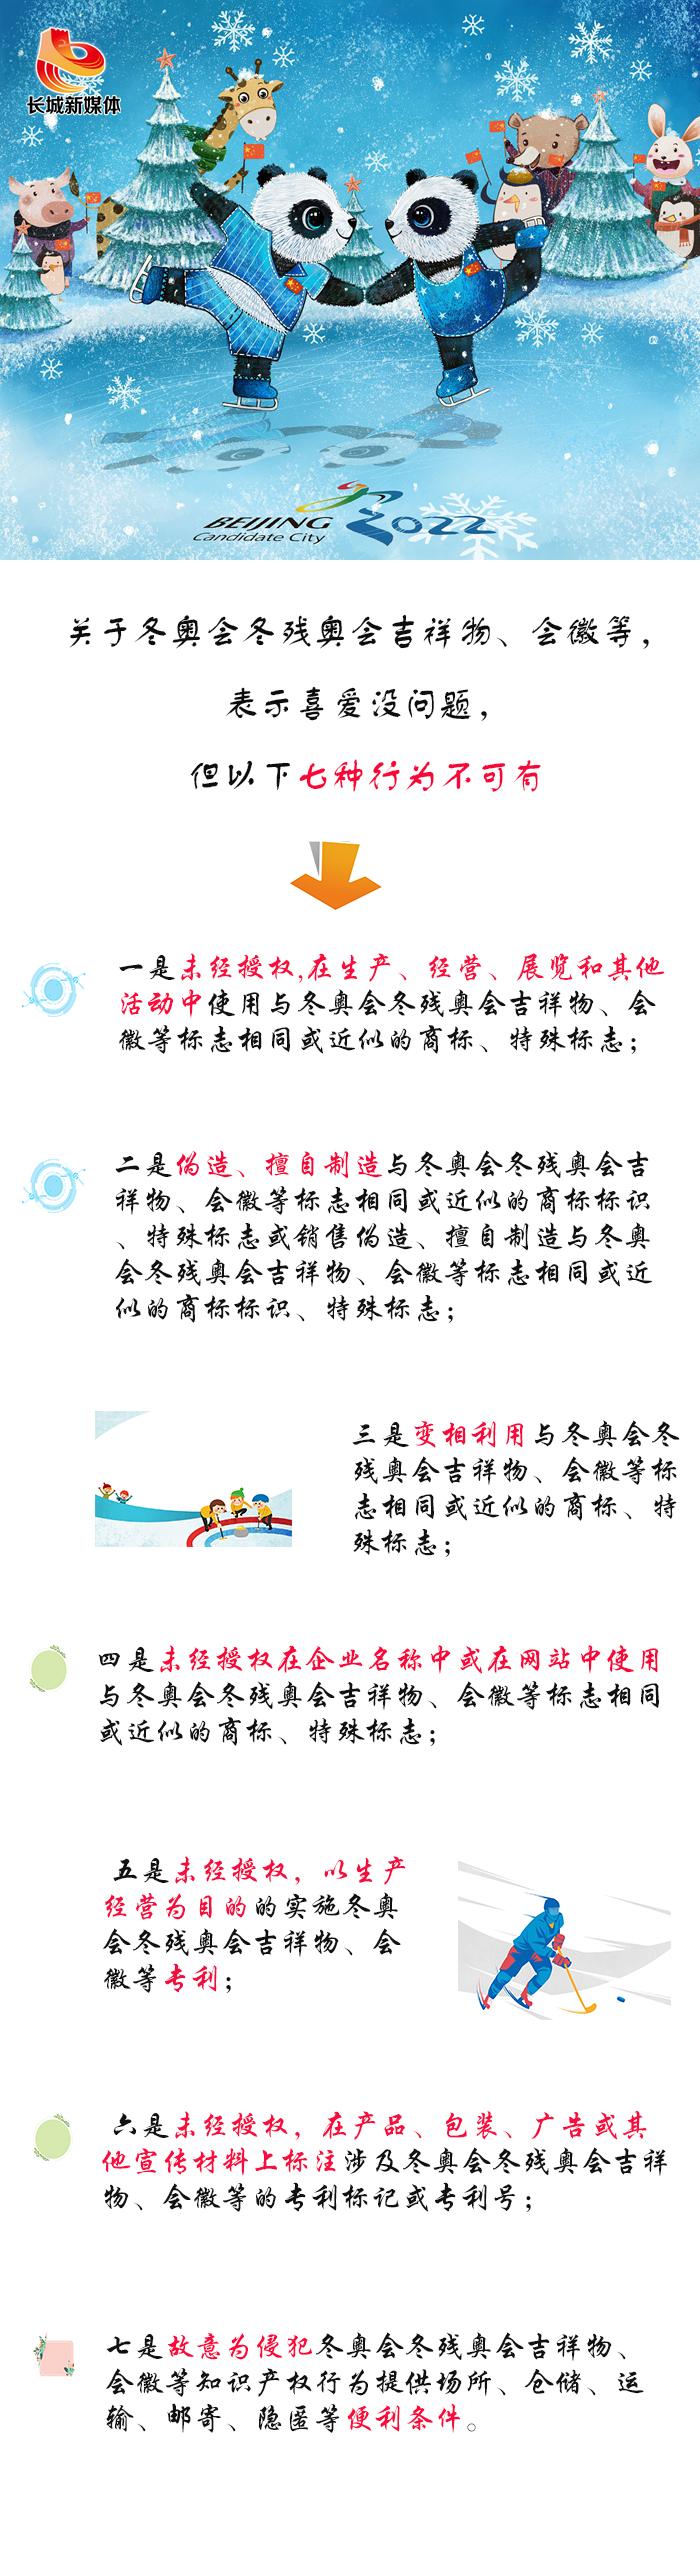 重点打击七种行为!河北省市场监管局部署加强2022年冬奥会冬残奥会吉祥物、会徽等知识产权保护工作